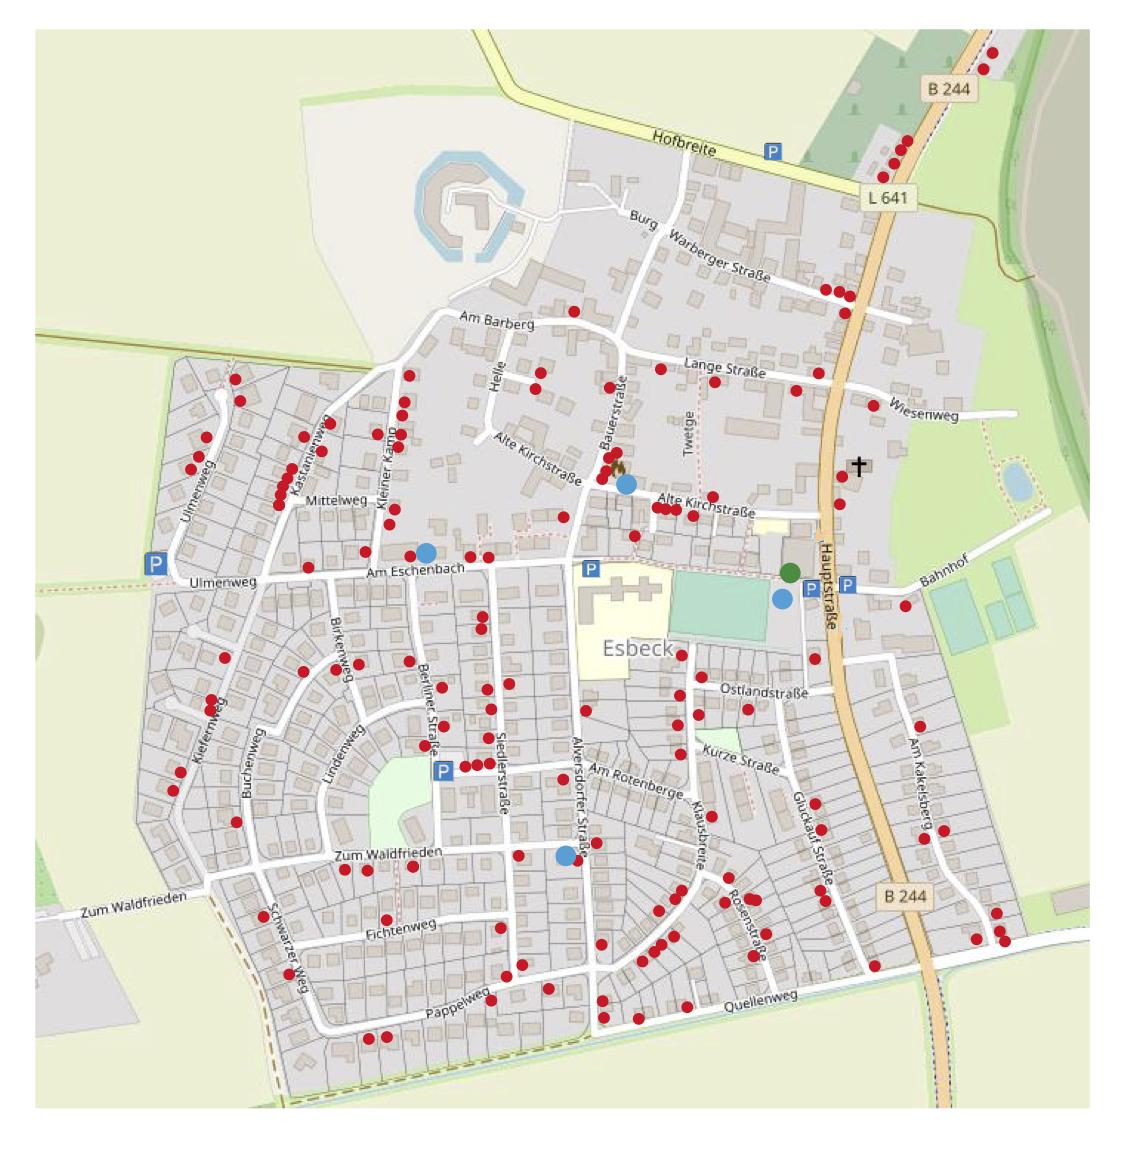 140 Familien beteiligen sich mit Verkaufsständen - auf dem Plan rot markiert.